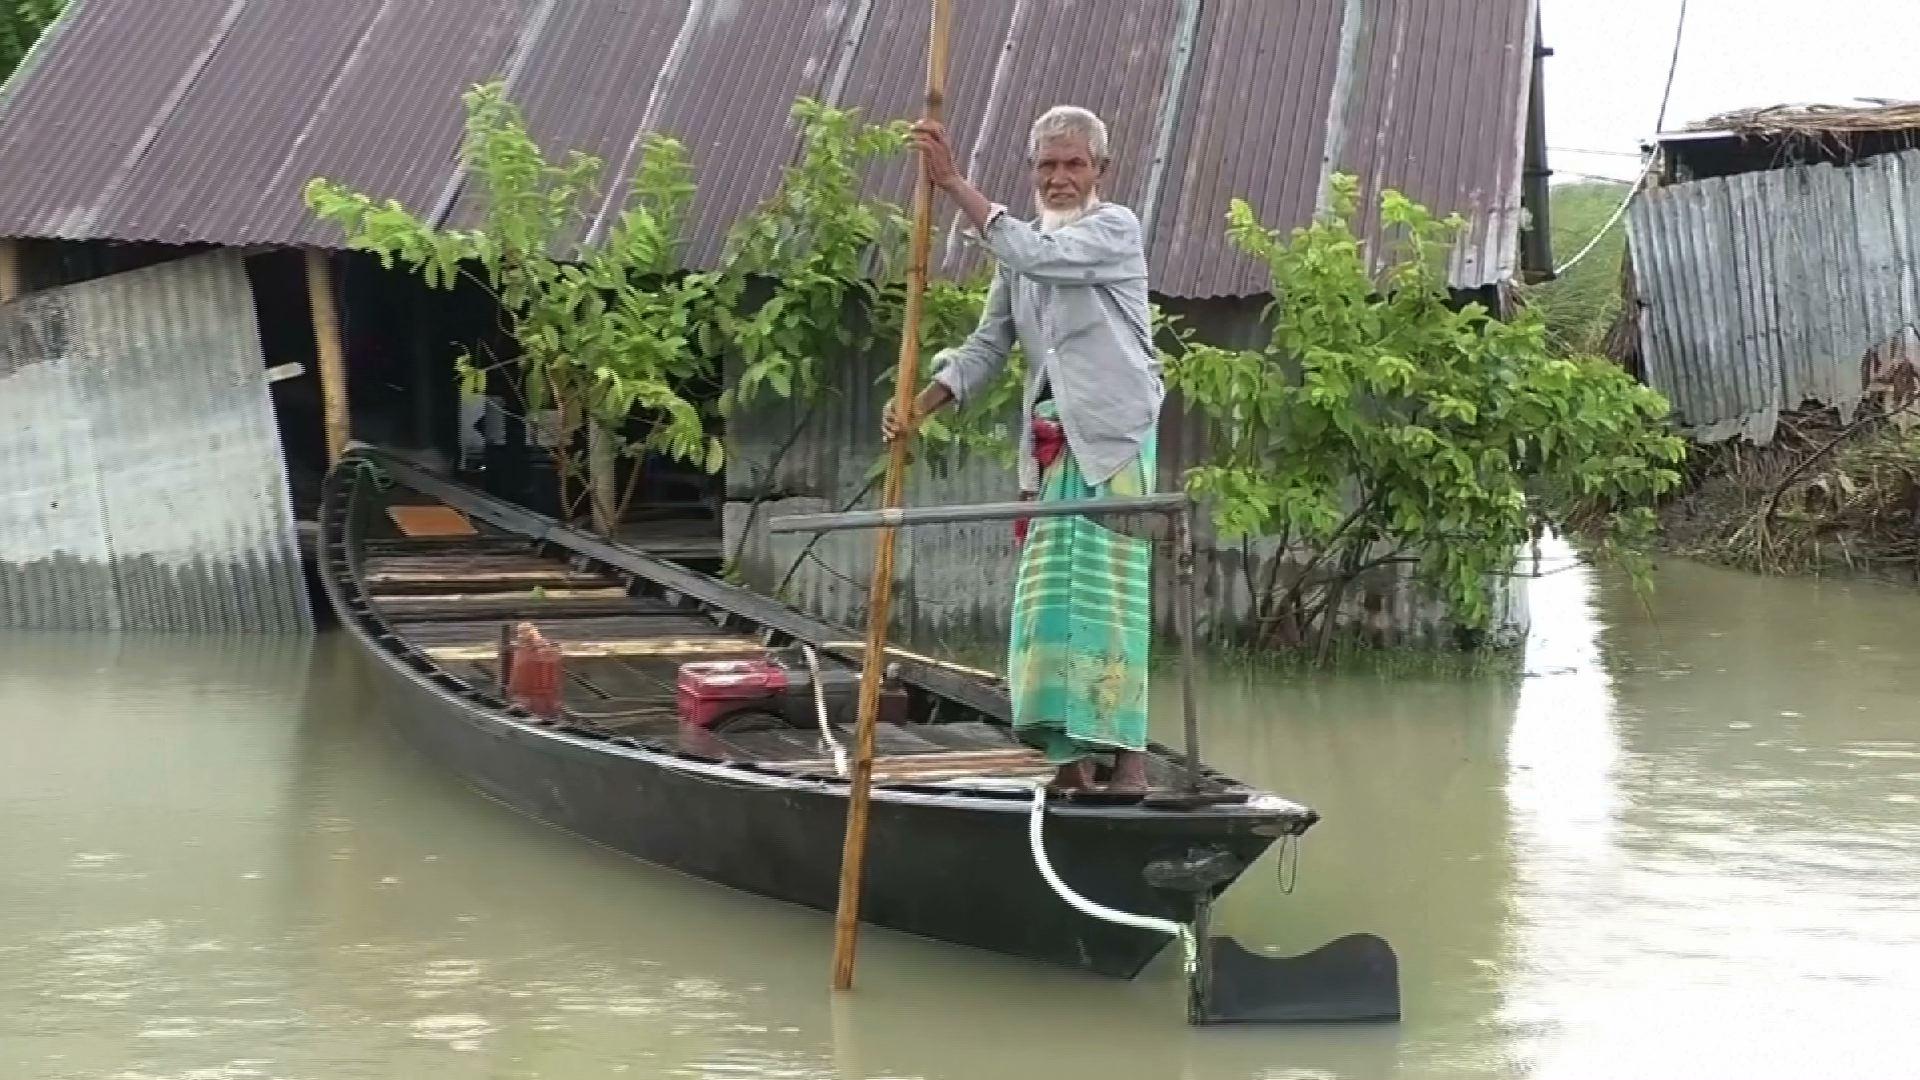 Một phần ba diện tích Bangladesh bị ảnh hưởng bởi lũ lụt, hàng triệu người phải di tản